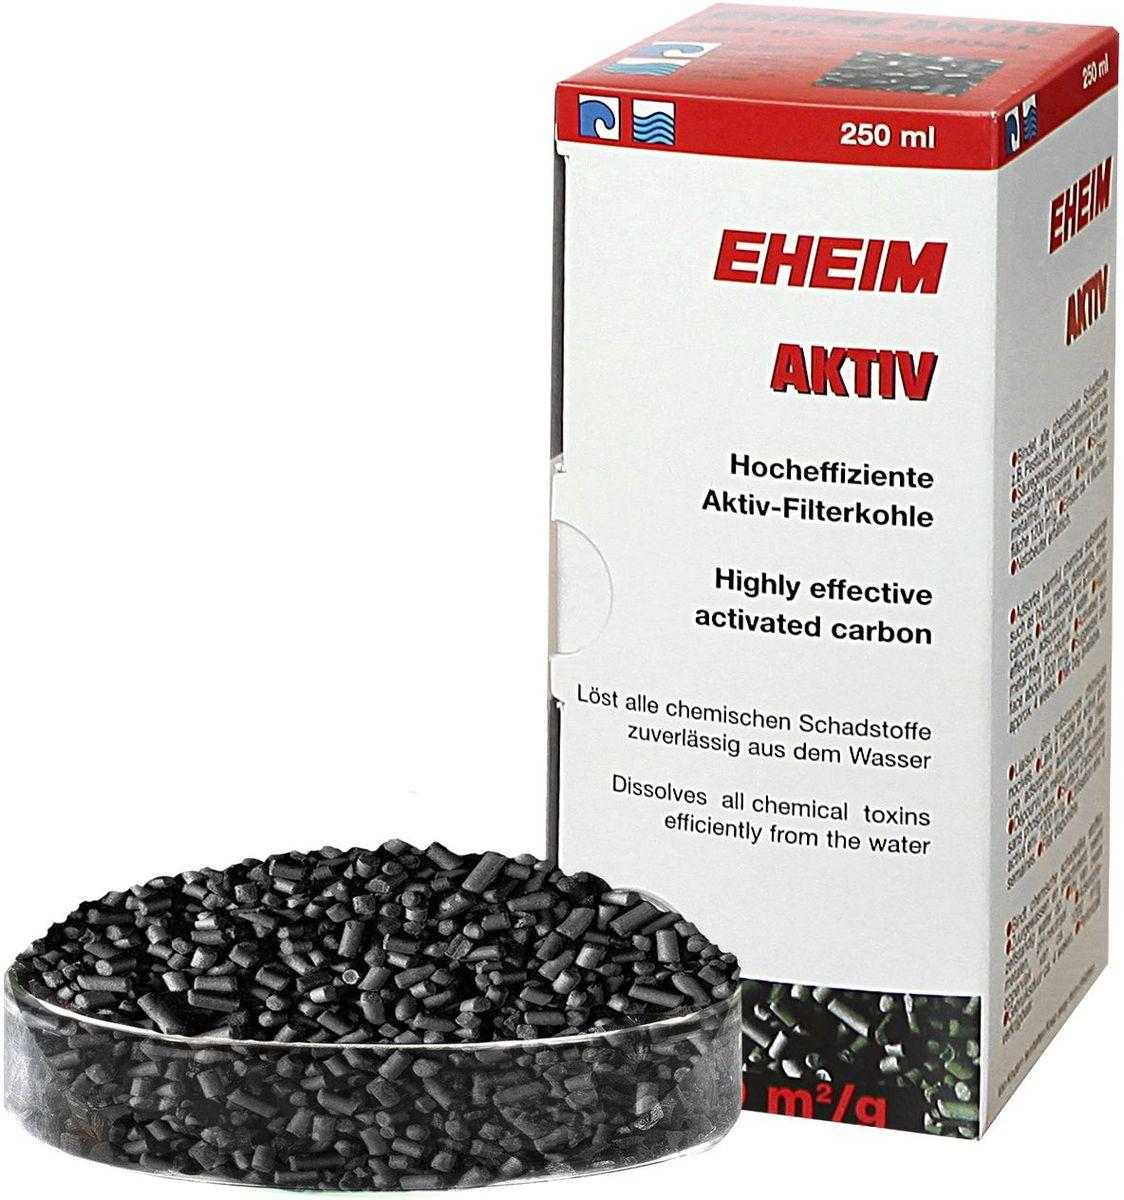 Наполнитель для фильтра Eheim Aktiv Carbon, угольный, 250 мл500029Угольный наполнитель для фильтра Ehaim Aktiv Carbon обеспечивает быстрый сбор растворенных в воде вредных веществ,пестицидов. Не содержит тяжелых металлов, обладает нейтральным уровнем pH. Наполнитель для фильтра Eheim Aktiv Carbon обладает большей эффективностью по сбору вредных веществ.